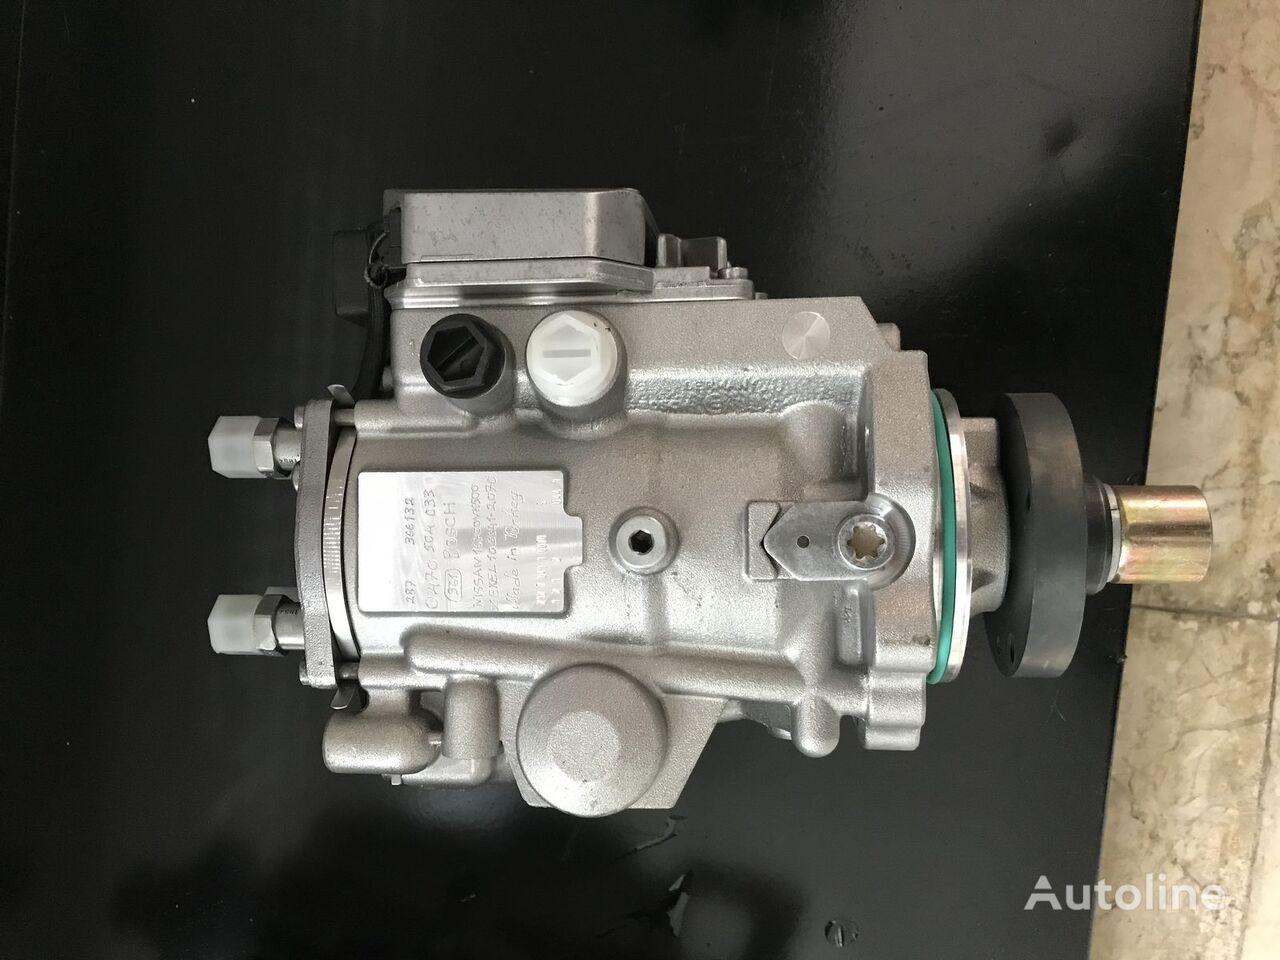 pompe à carburant BOSCH pour utilitaire NISSAN SKYSTER neuve